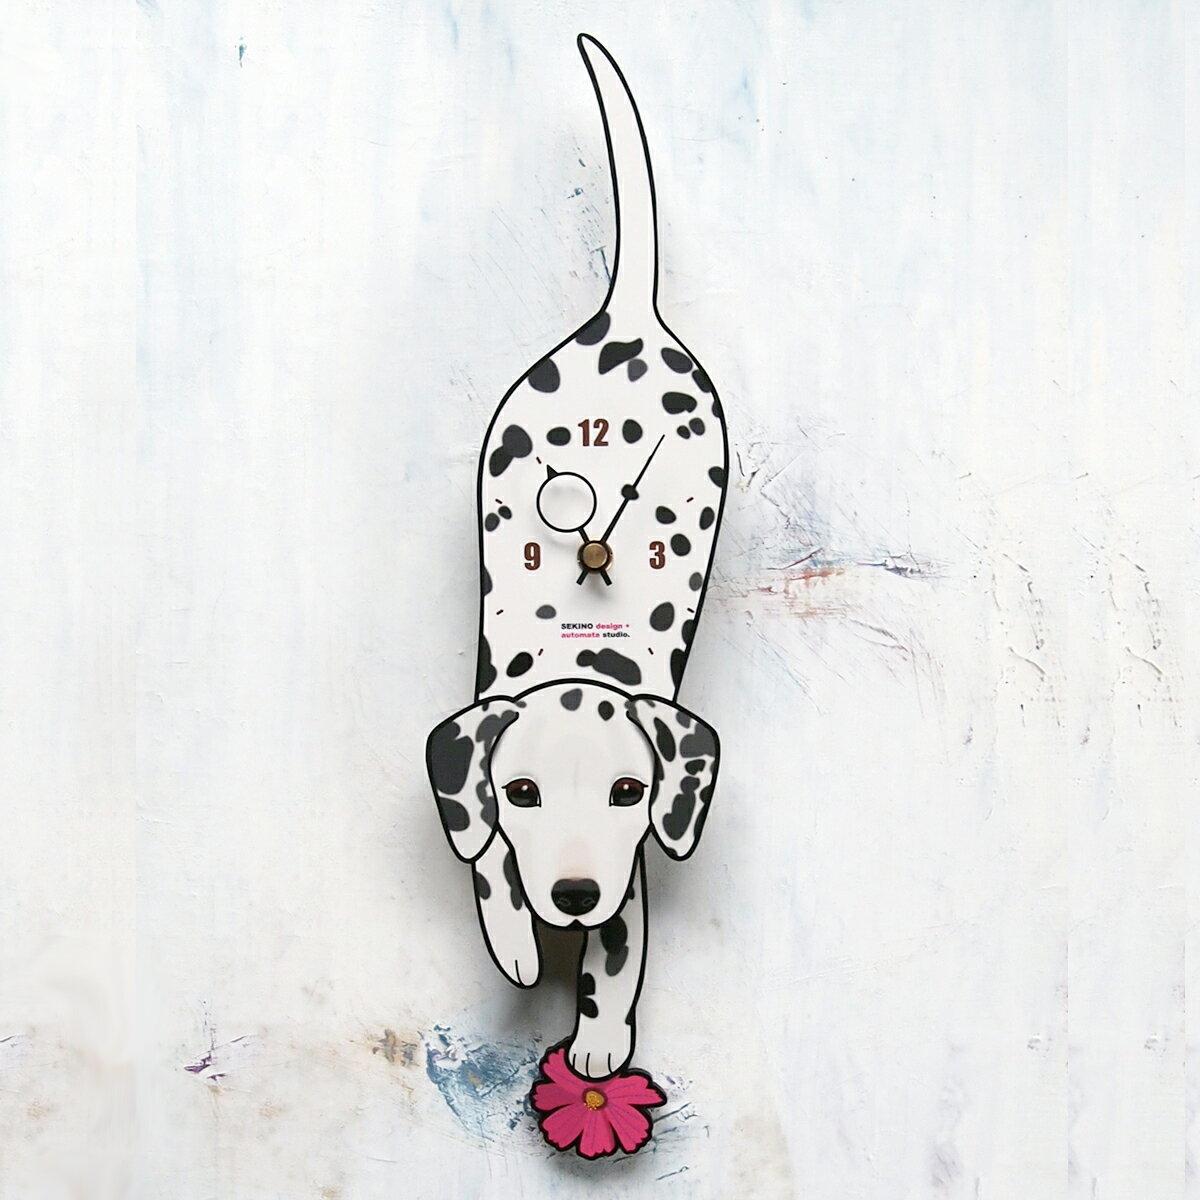 【ふるさと納税】D-68 ダルメシアン-犬の振り子時計